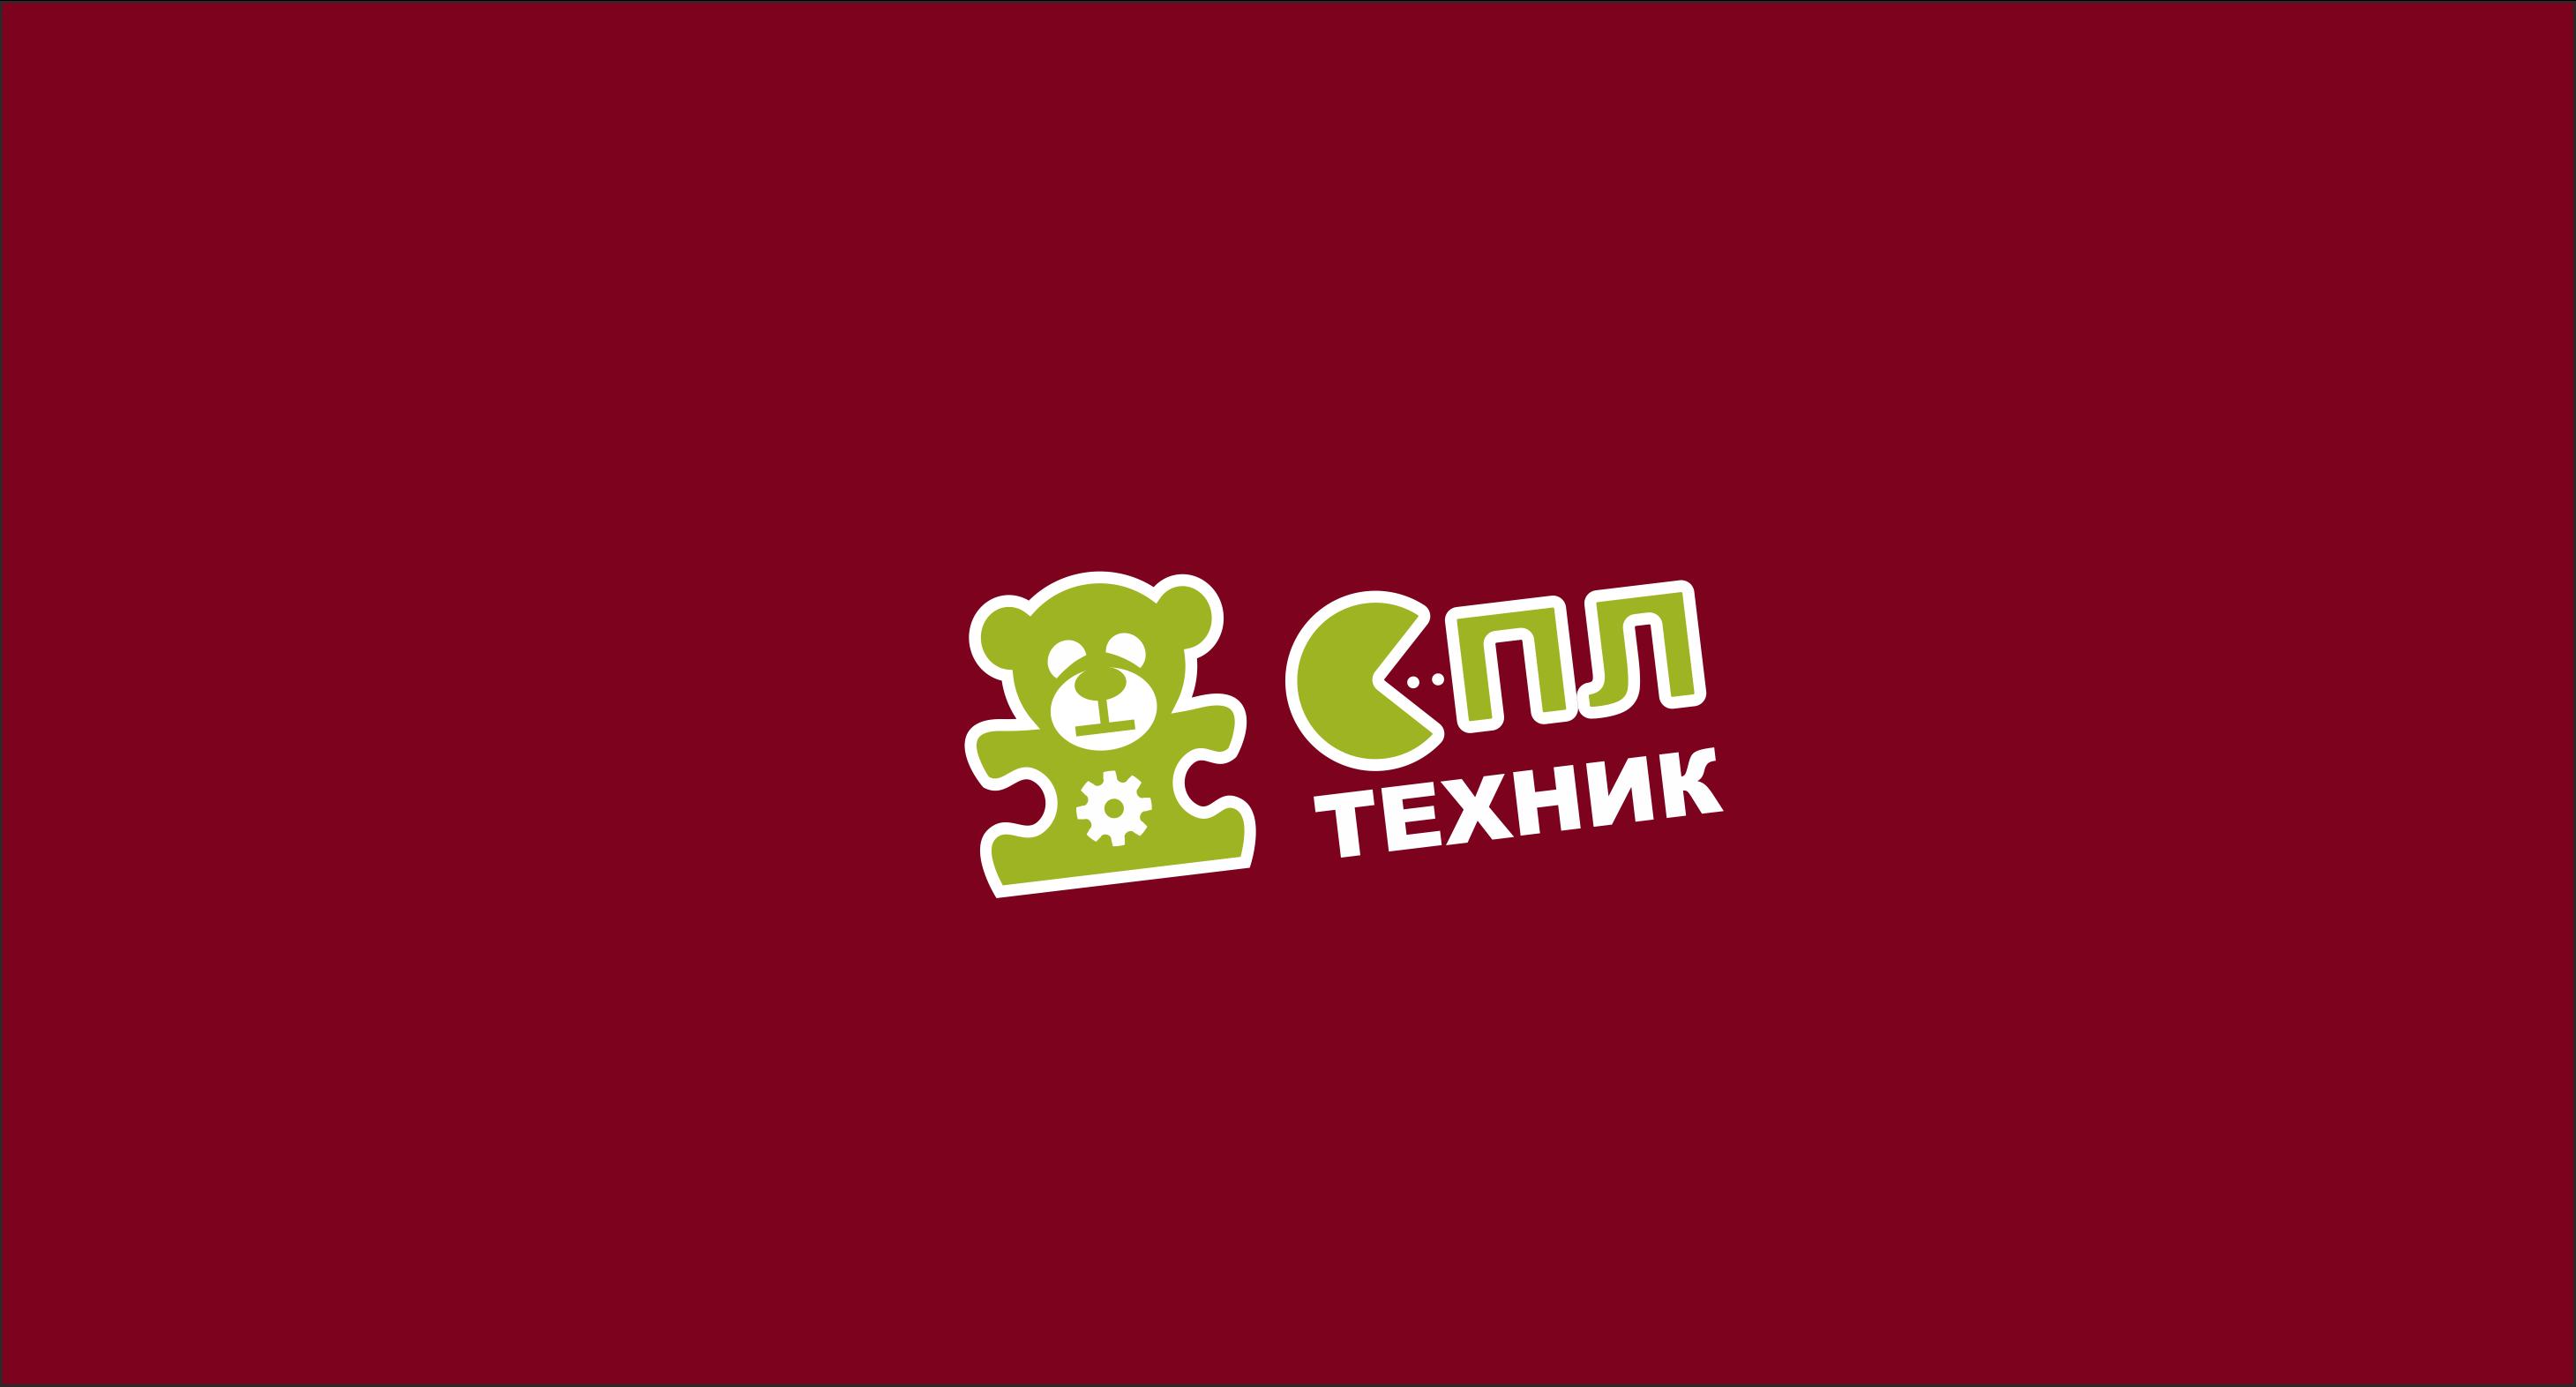 Разработка логотипа и фирменного стиля фото f_20159b6a2dd4c3c5.png